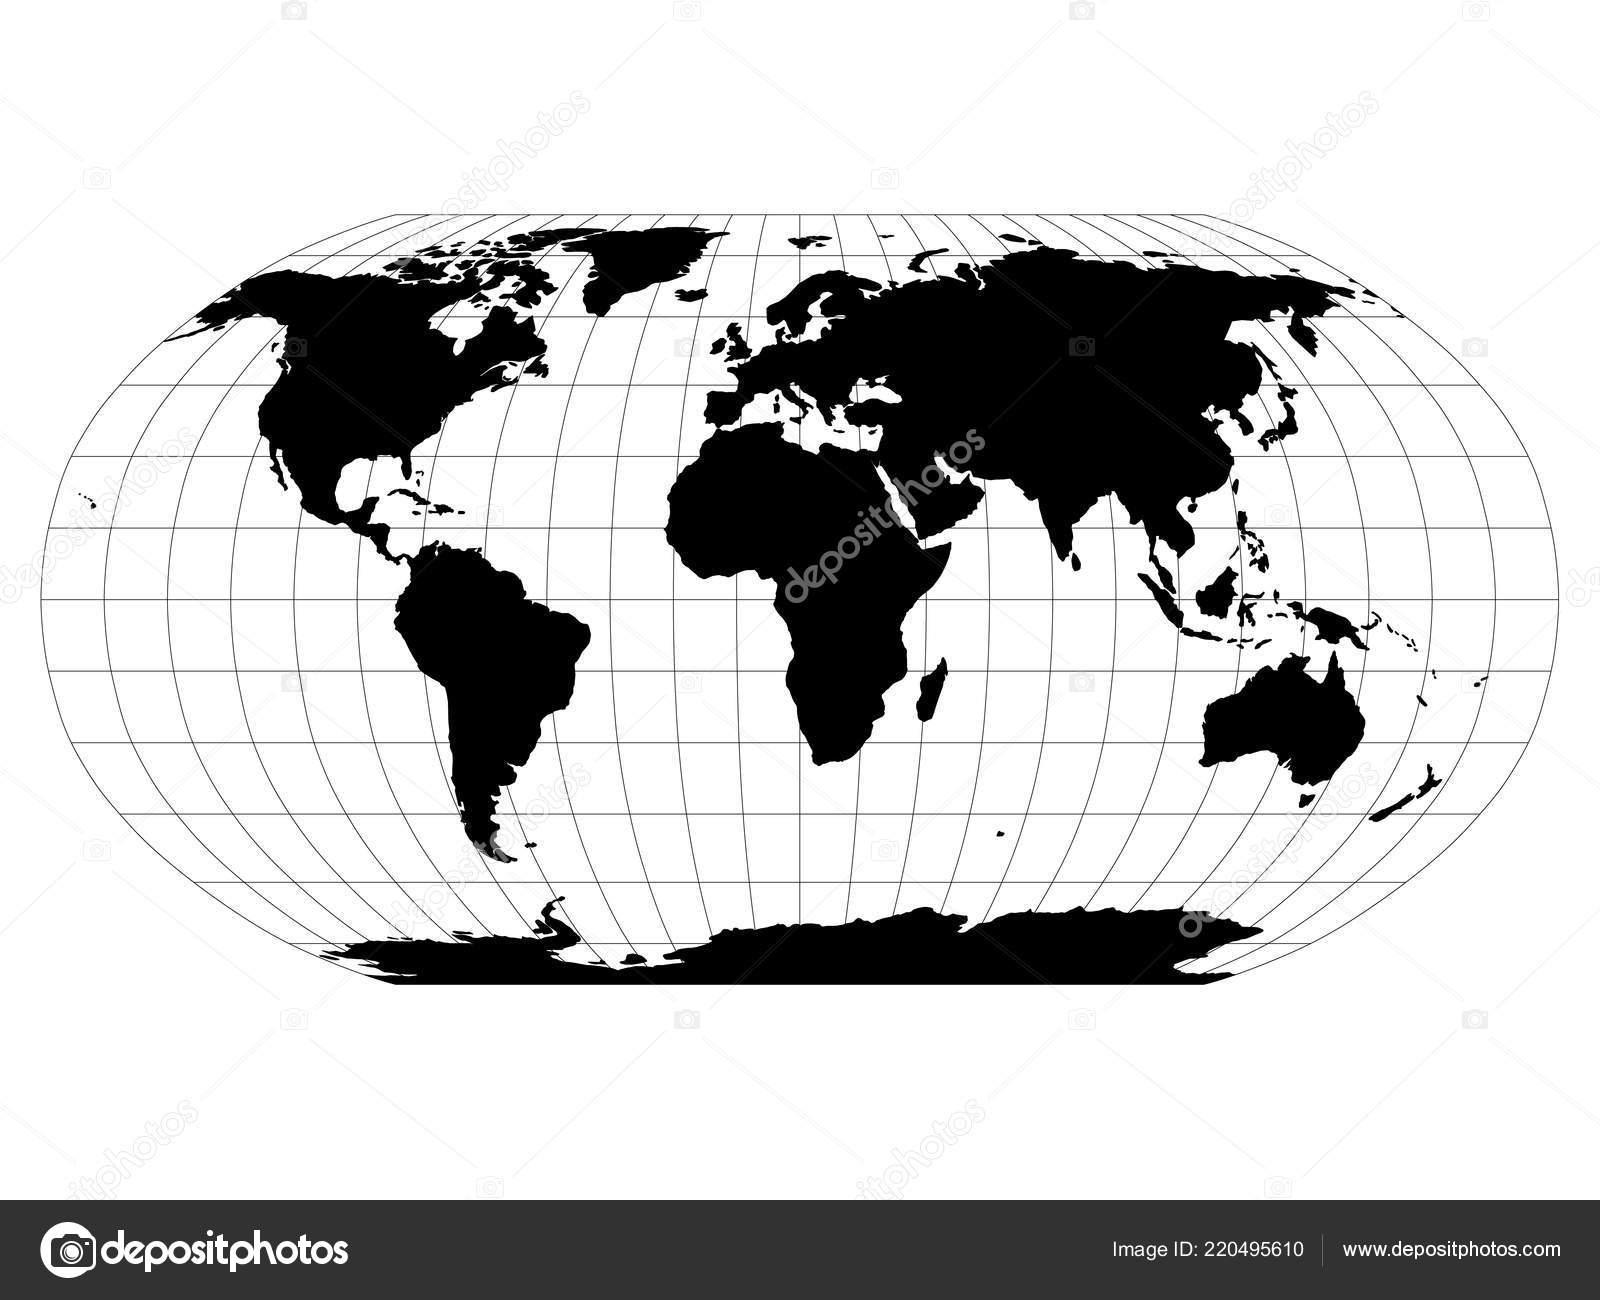 Cartina Del Mondo Con Meridiani E Paralleli.Mappa Del Mondo Nella Proiezione Di Robinson Con Griglia Di